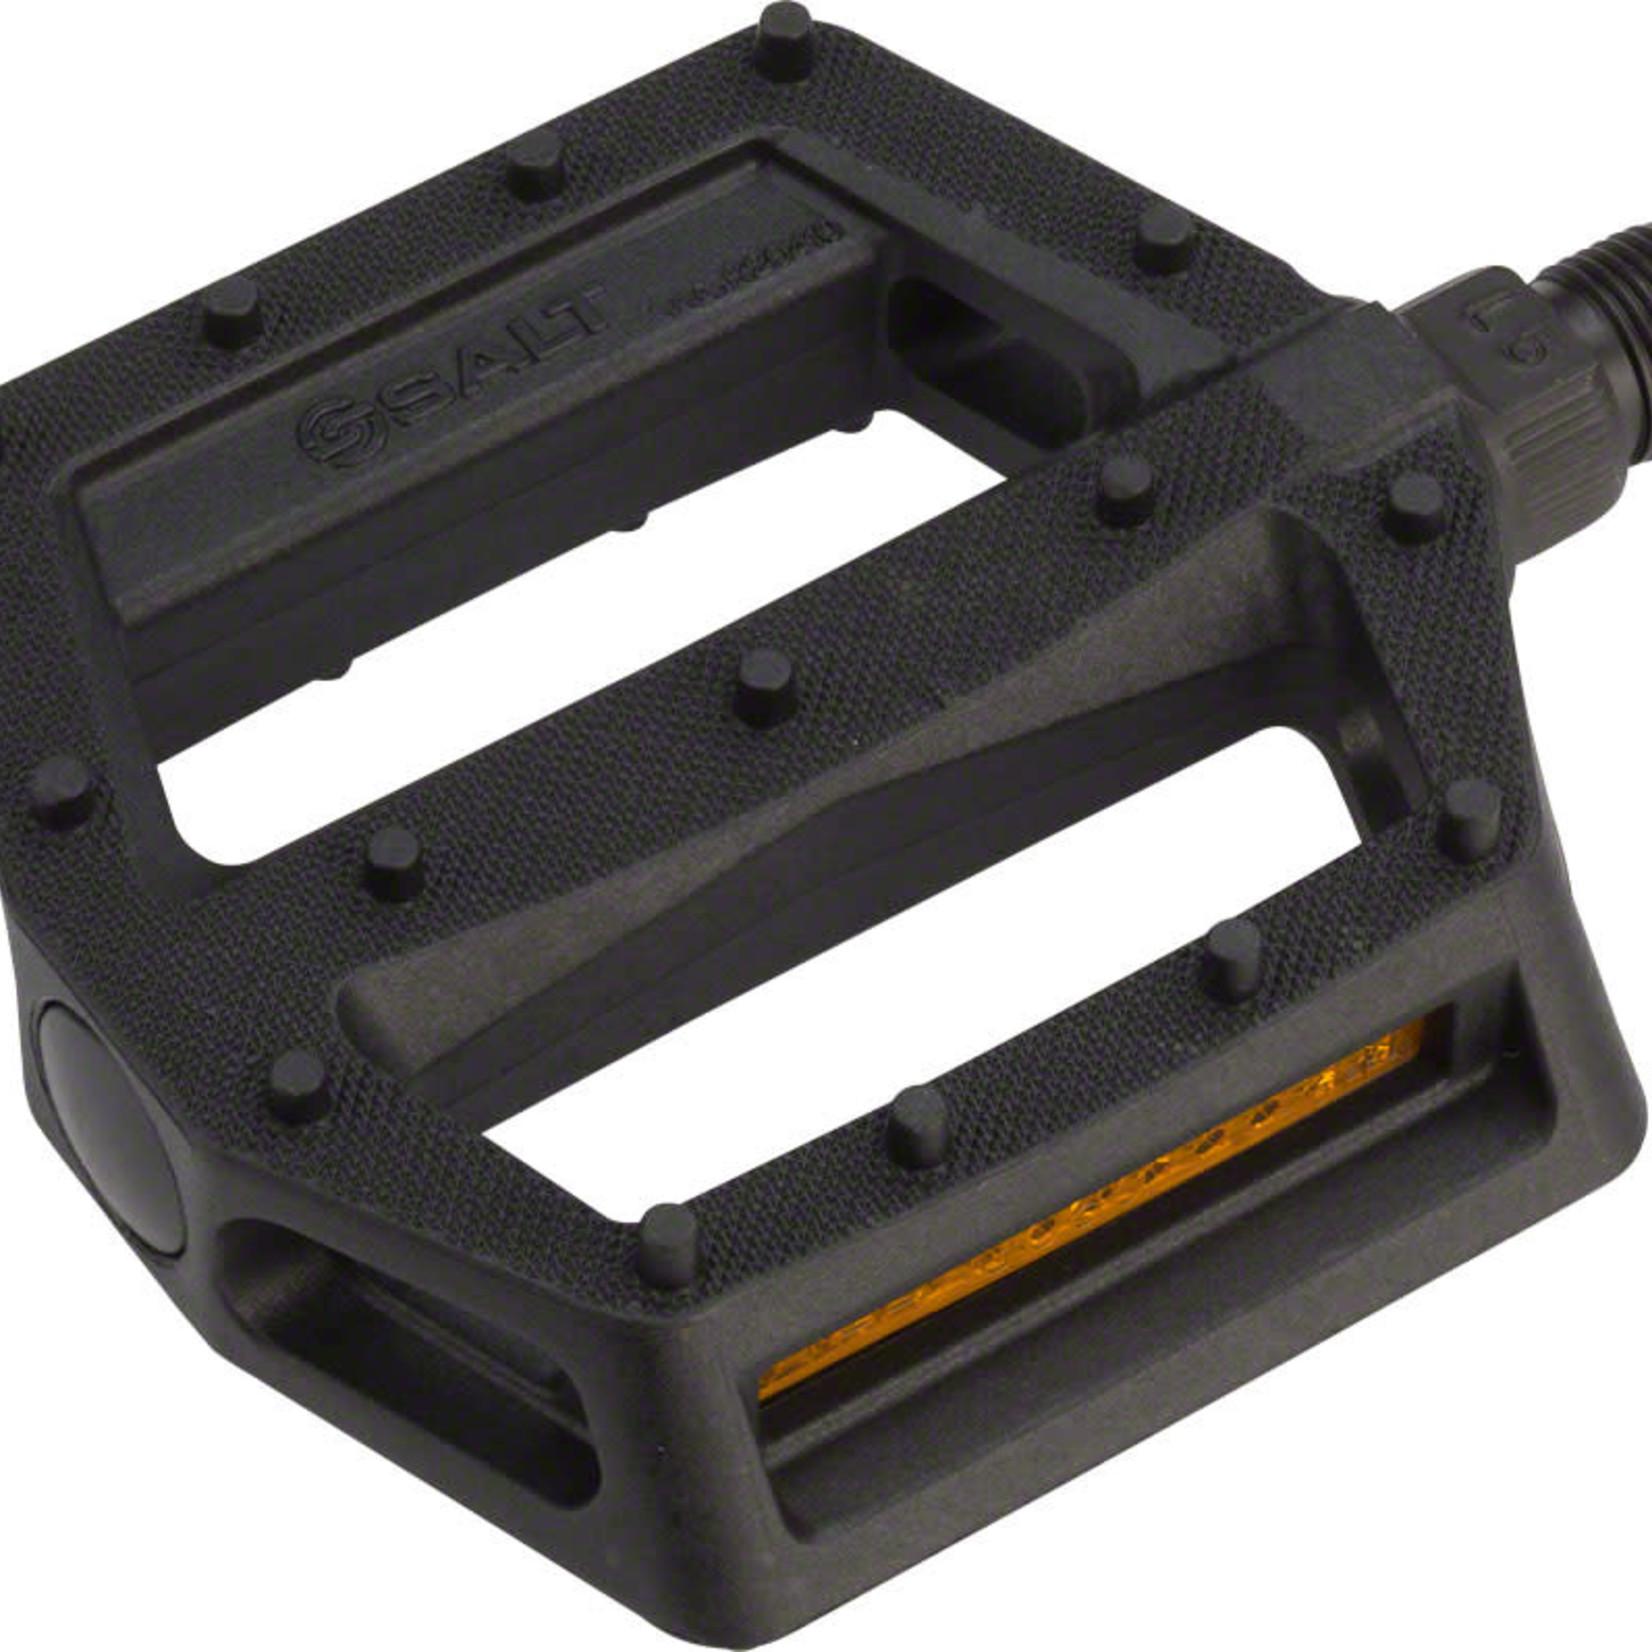 """Salt Salt Junior V2 Pedals - Platform, Composite/Plastic, 9/16"""", Black"""